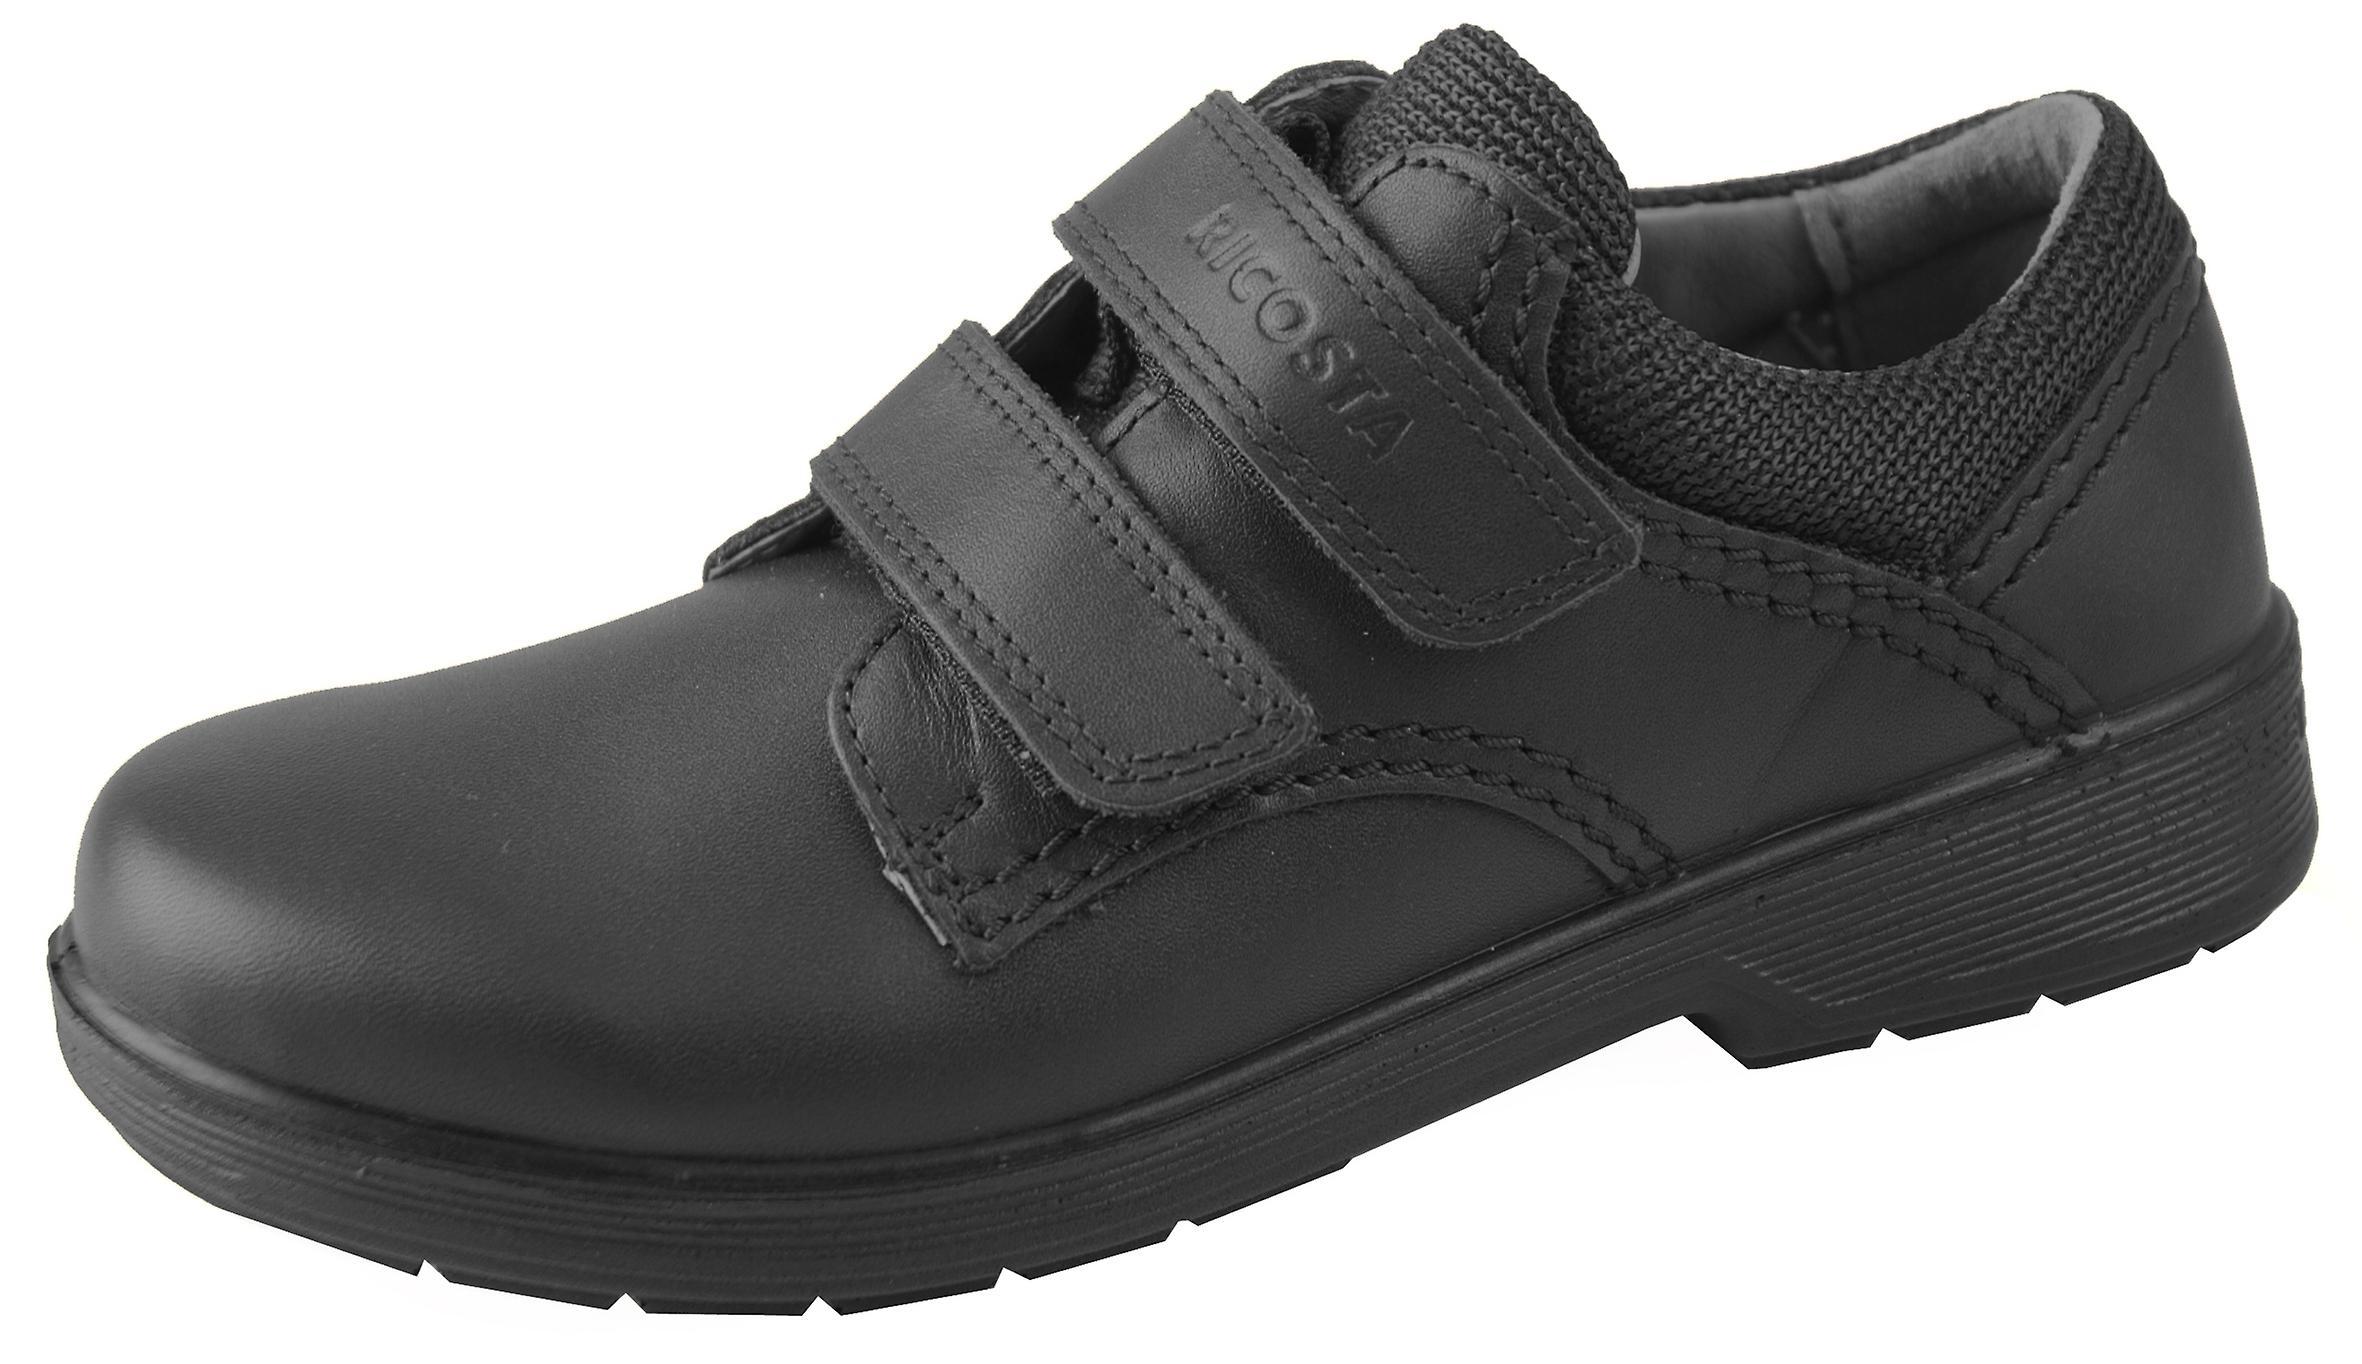 École de William garçons RICOSTA chaussures noir cuir large montage